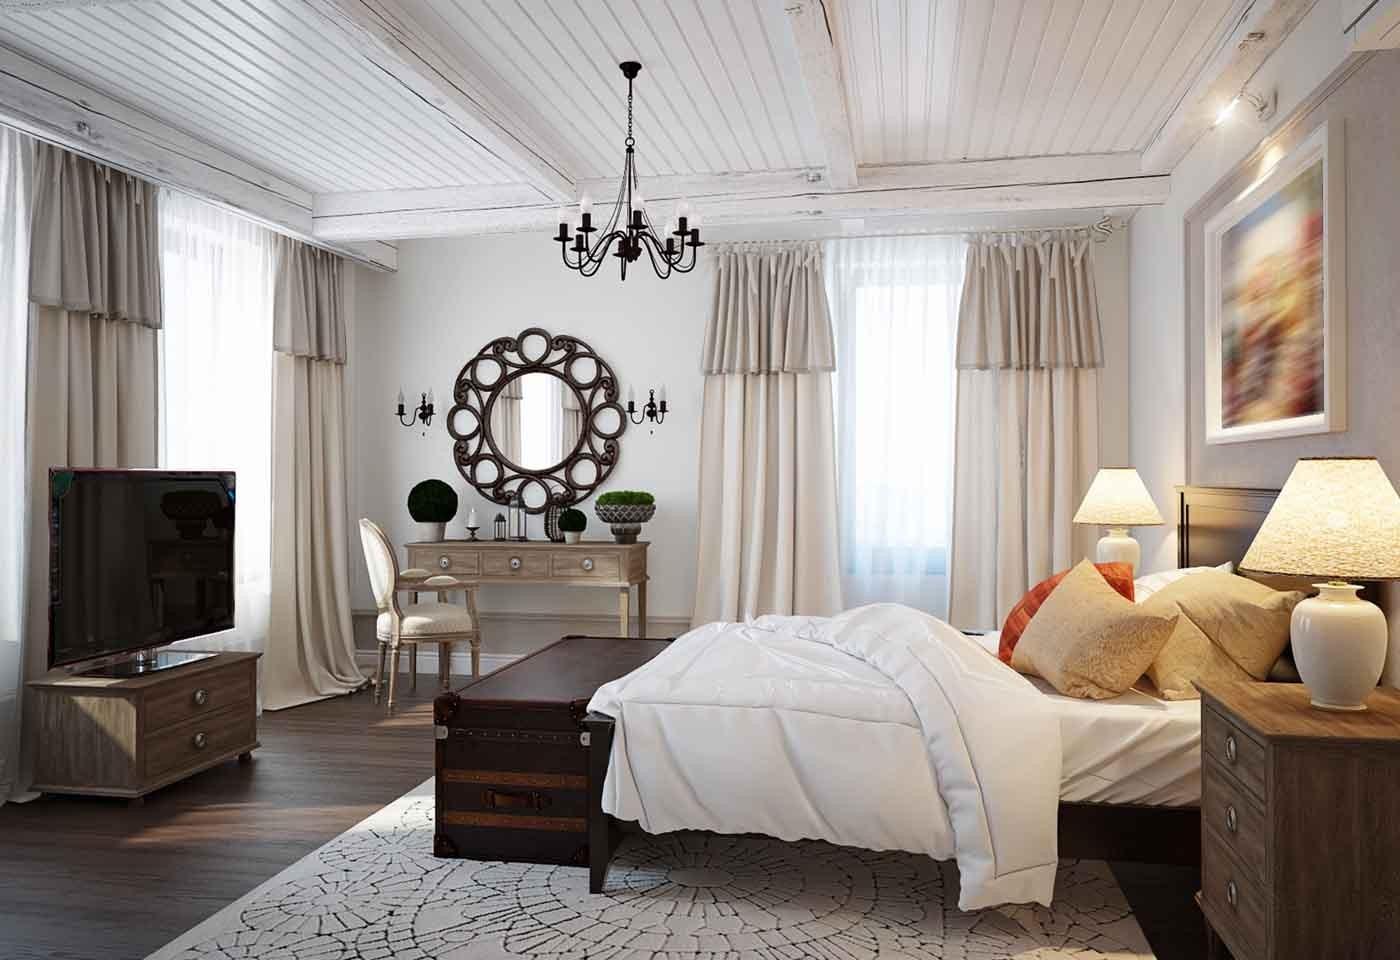 Armadio Casa Al Mare casa e arredamento in stile mediterraneo: il design italiano.